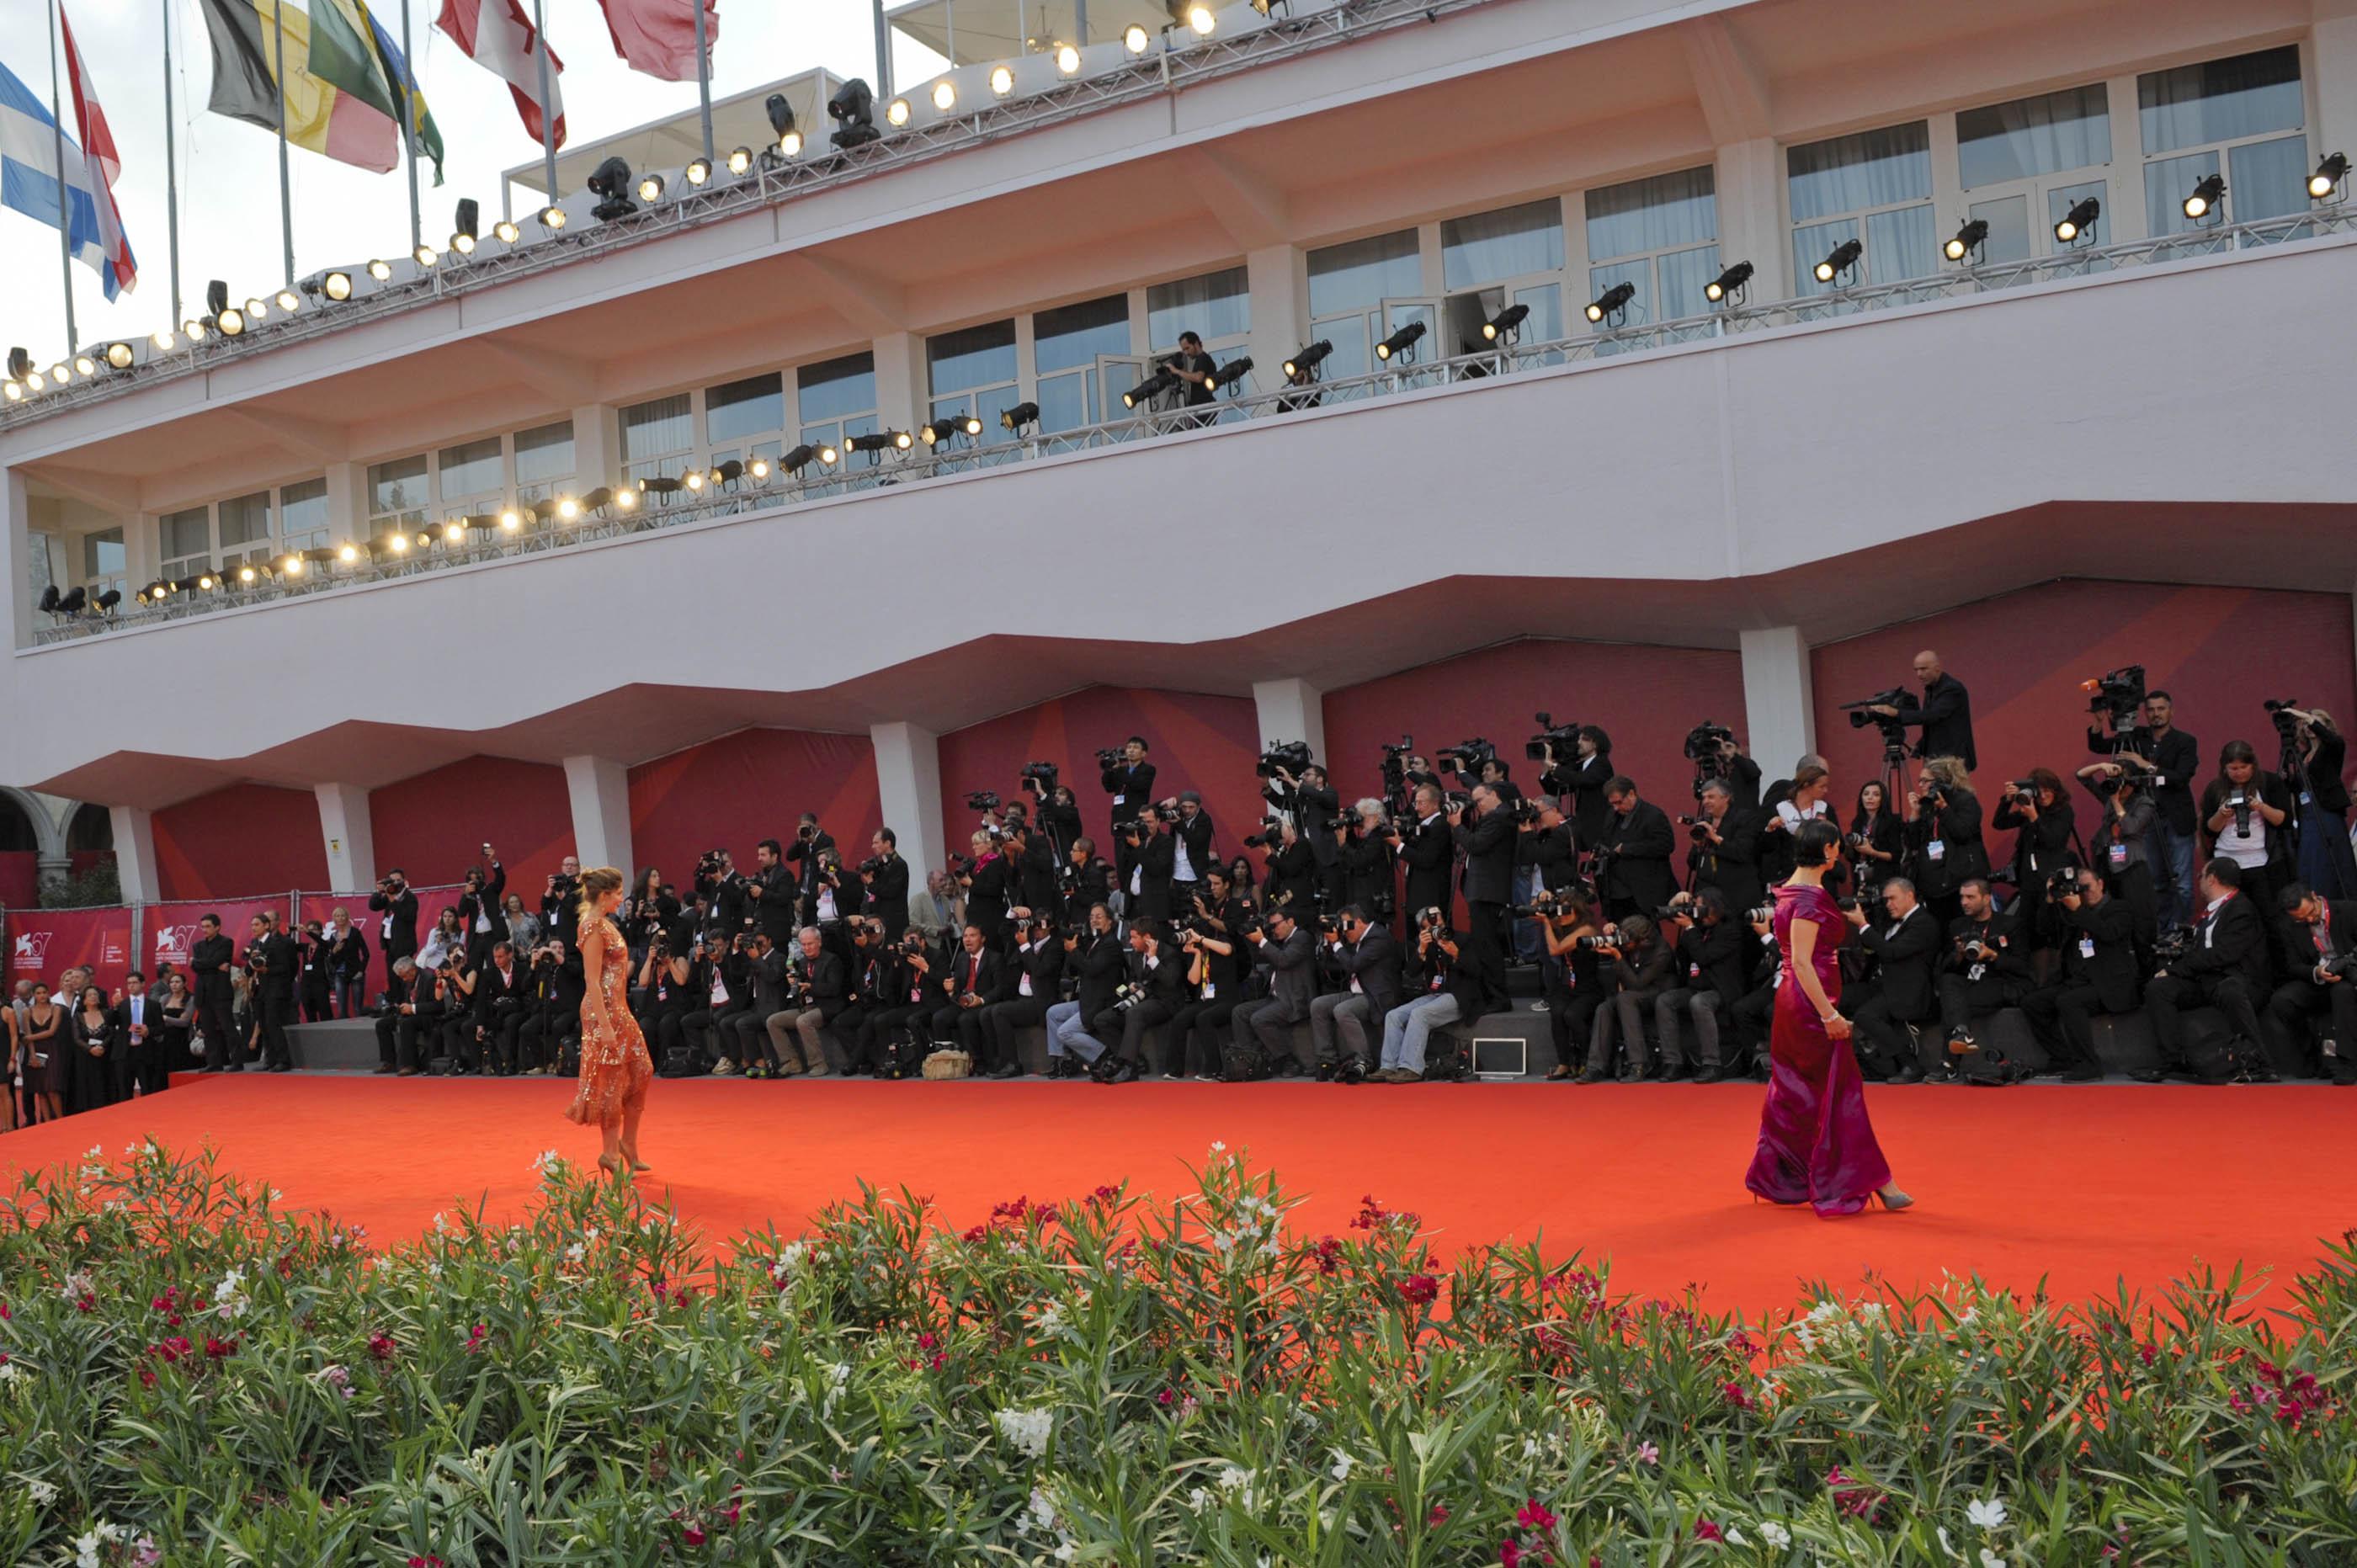 Medzinárodný filmový festival v Benátkach: O trofeje sa bude uchádzať 20 produkcií